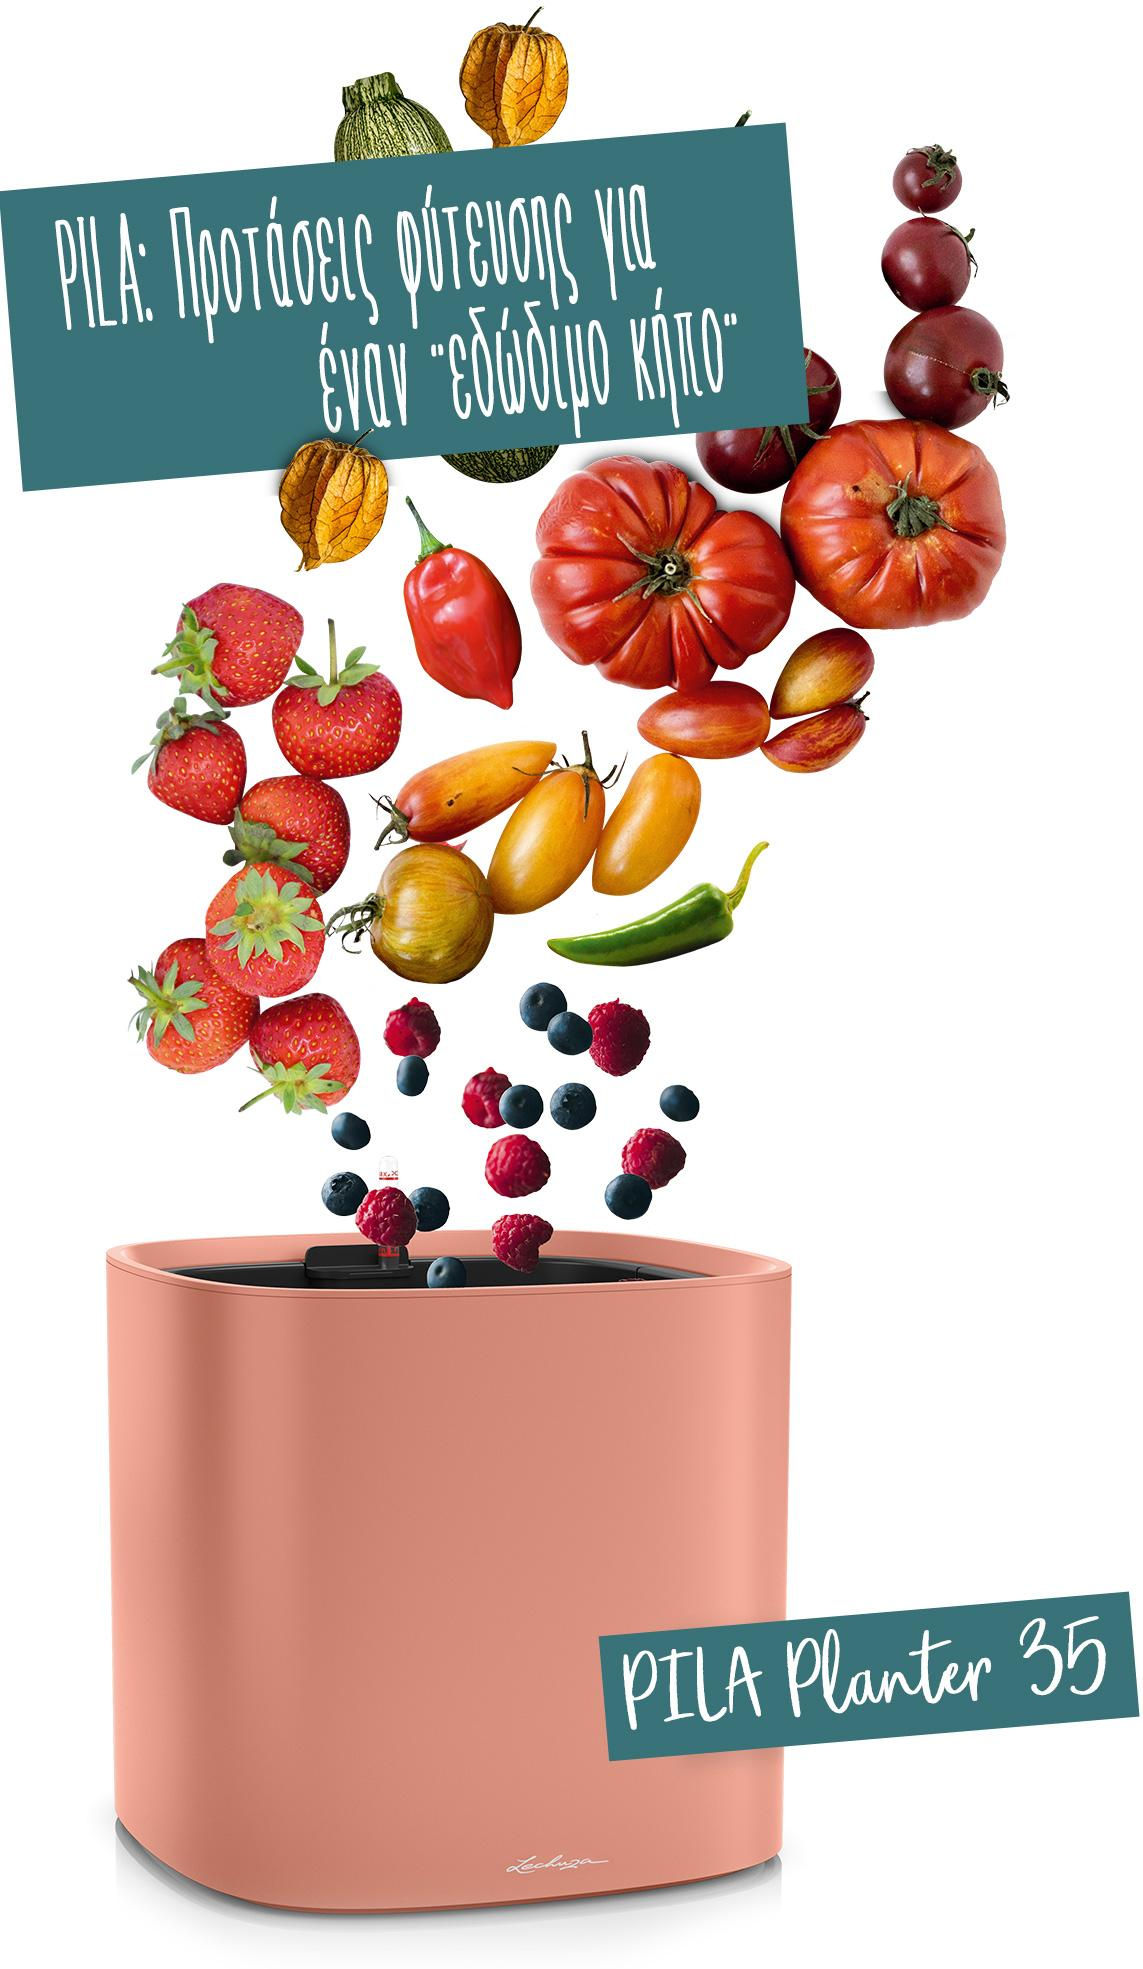 Το PILA Planter 35 συνιστάται για φρούτα και λαχανικά